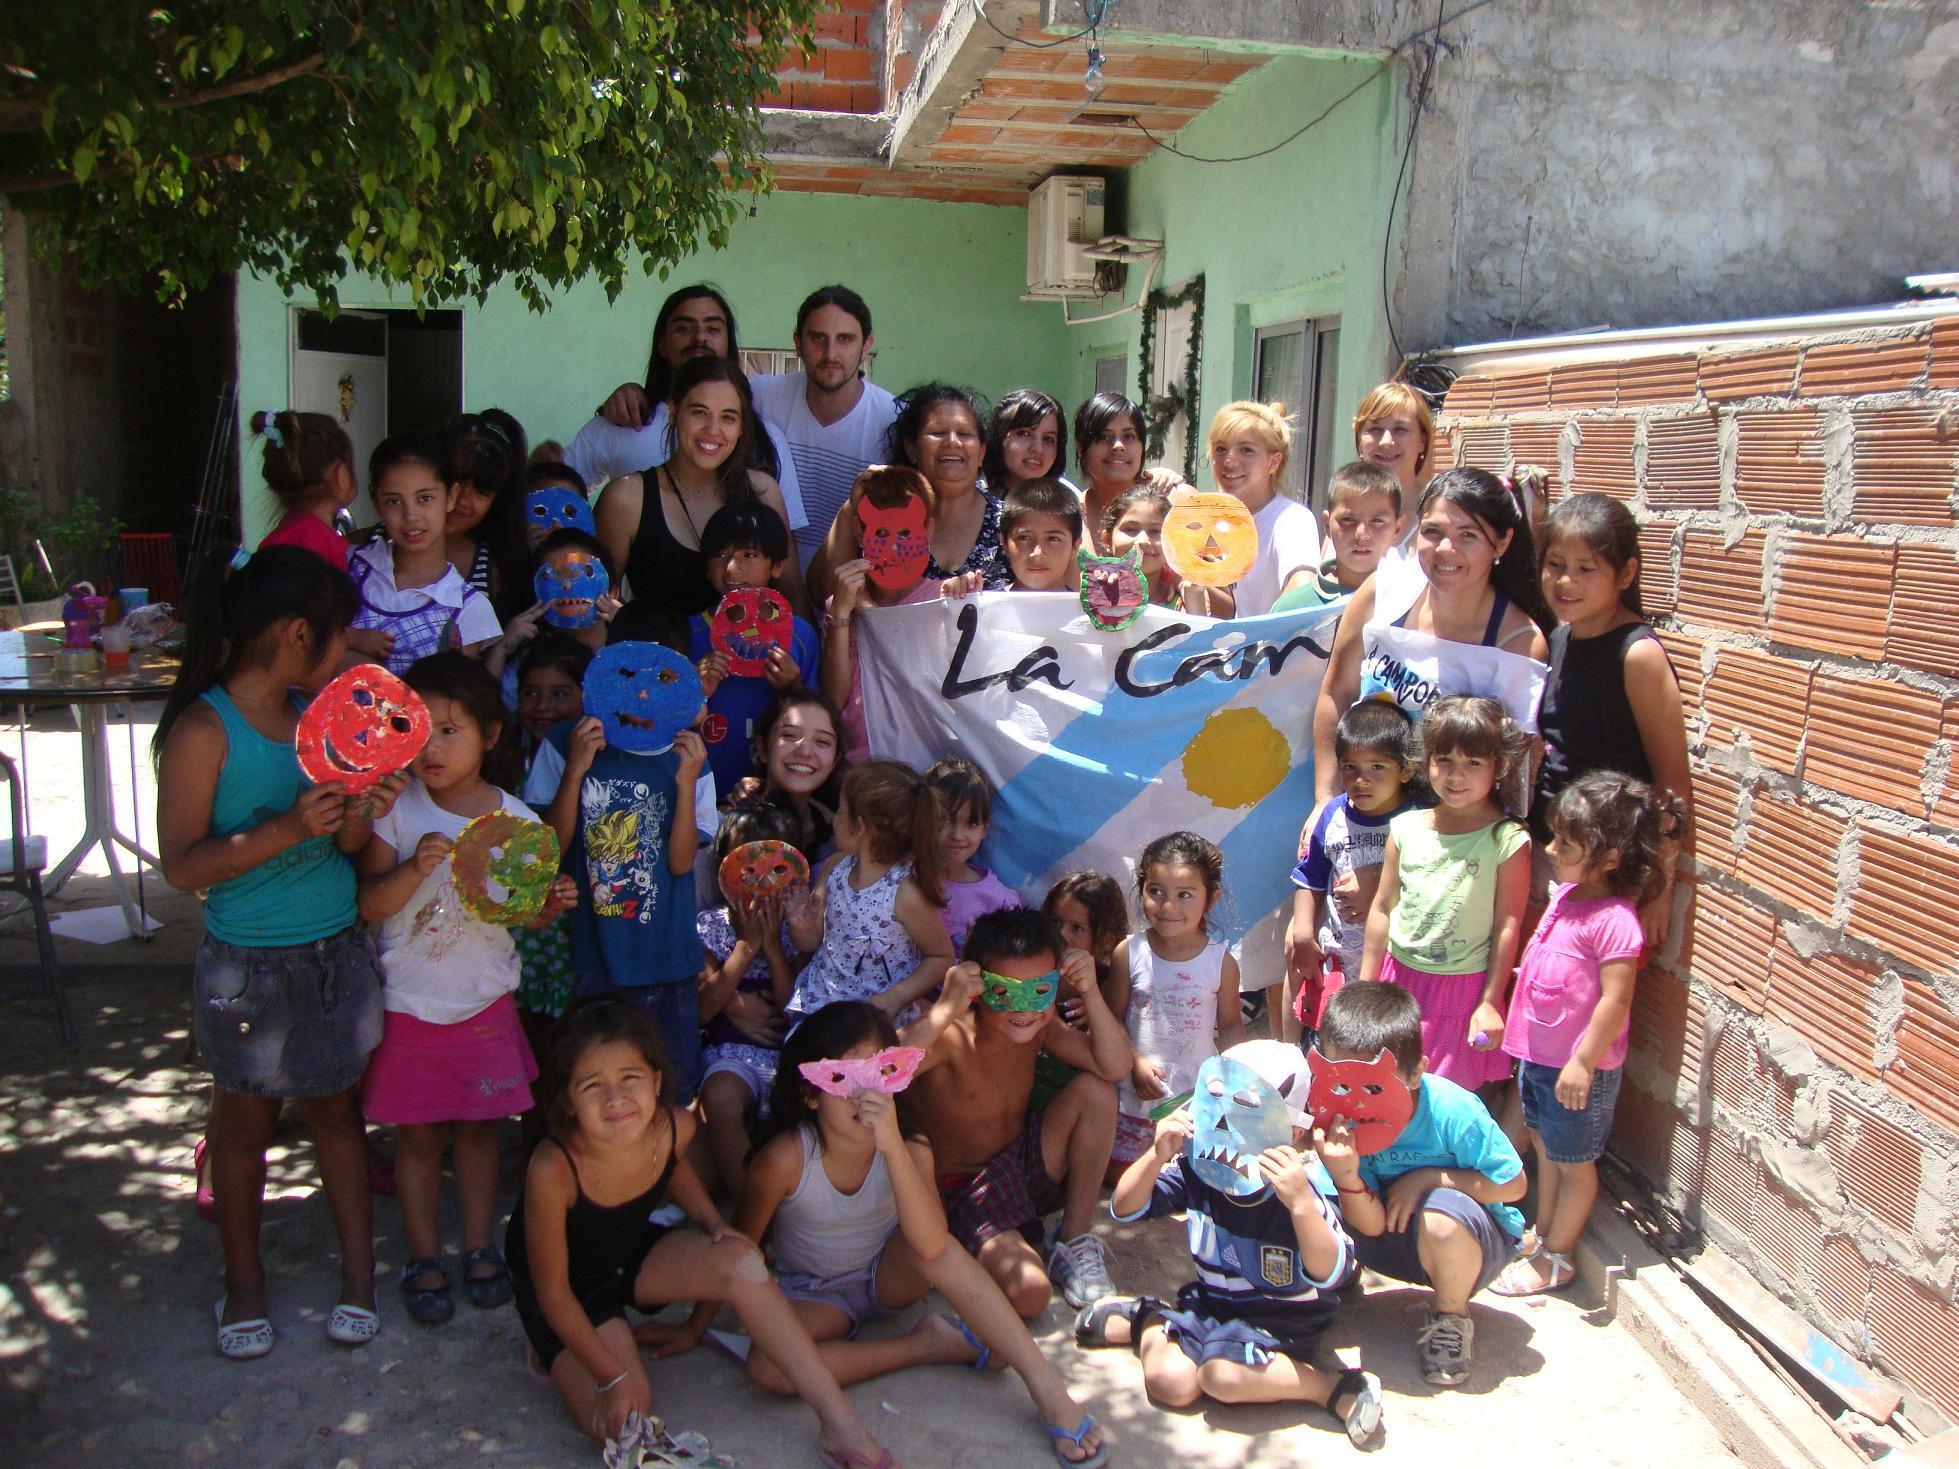 actividad-recreativa-en-el-barrio-santa-catalina-1